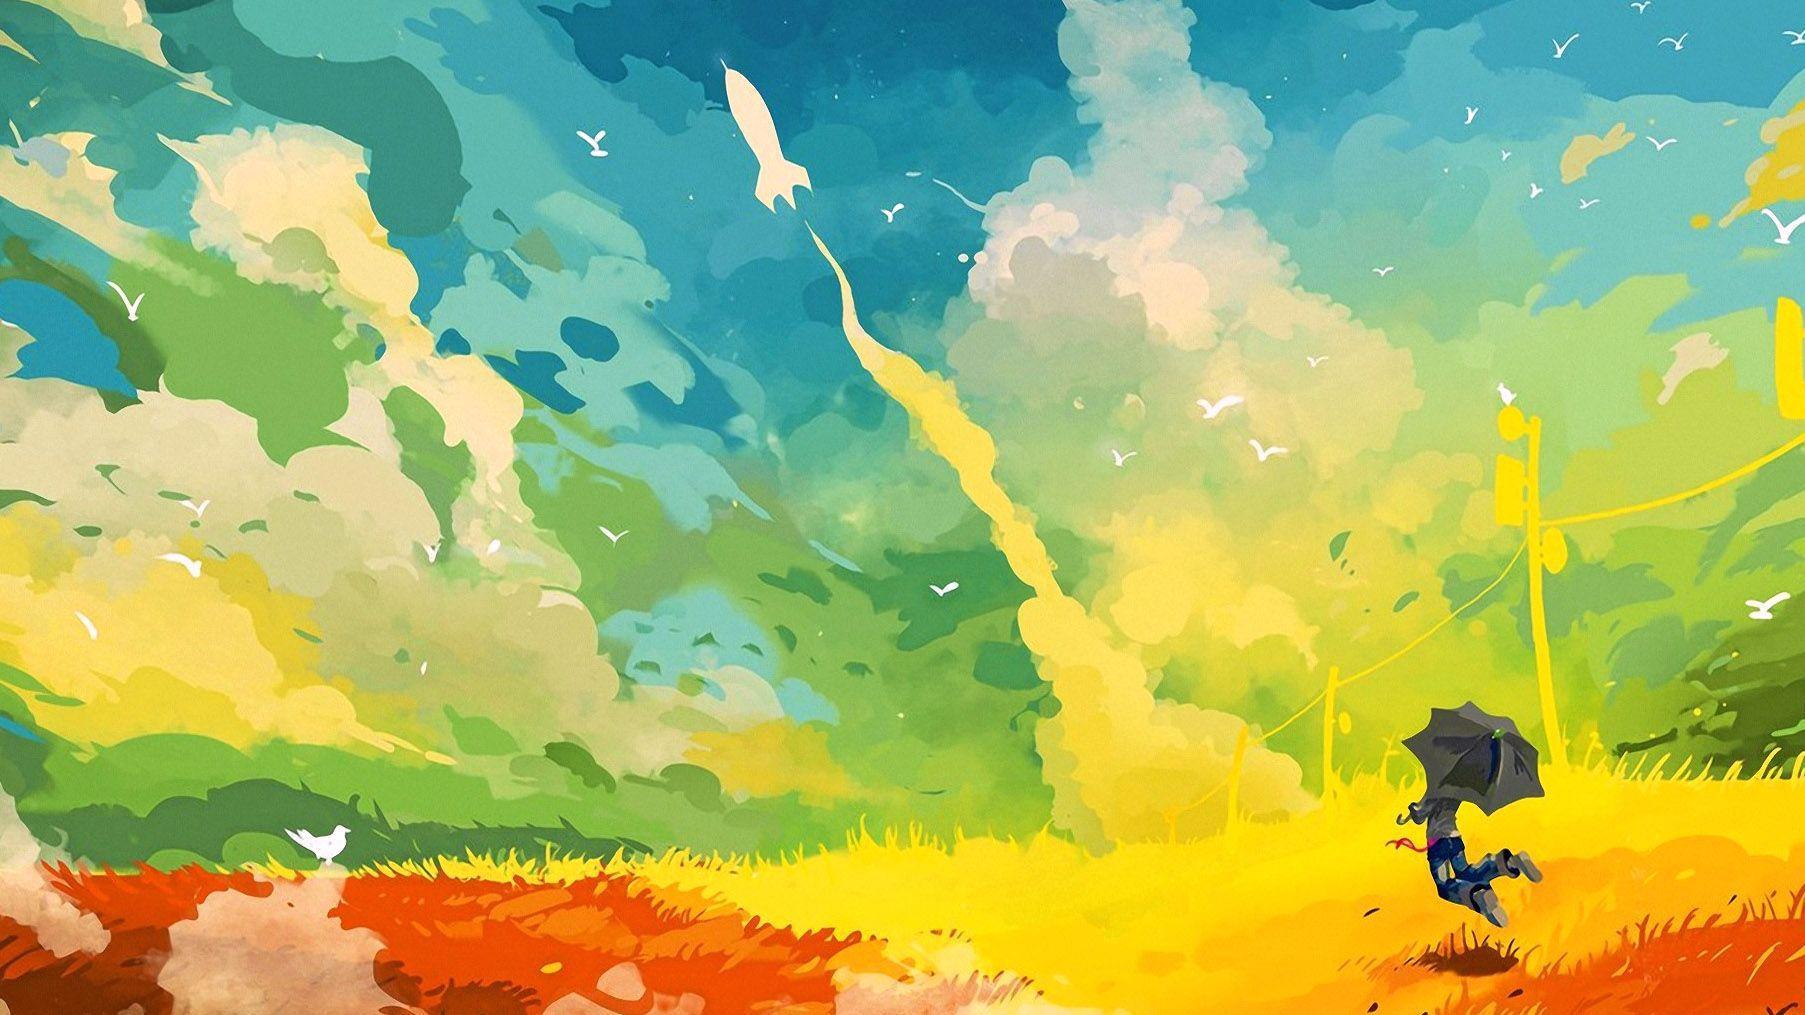 Unduh 78 Background Art Hd Wallpaper Gratis Terbaru